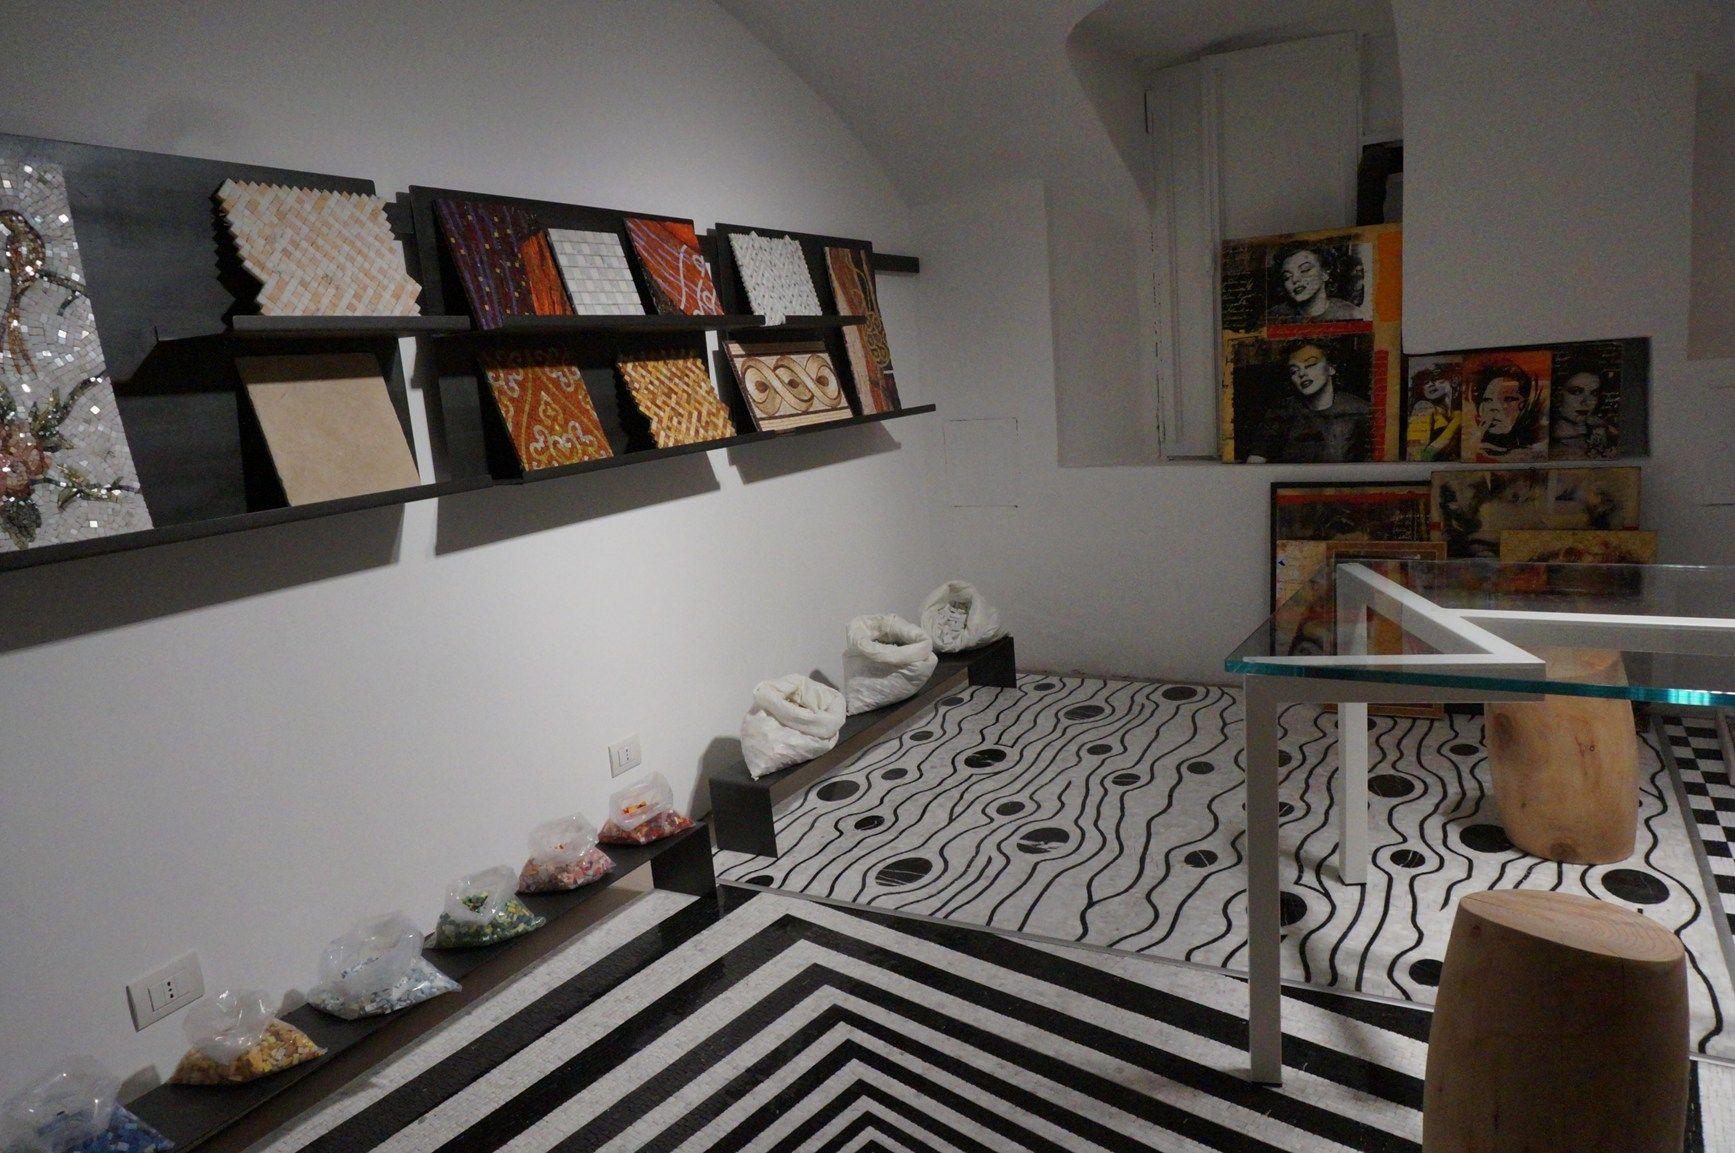 Vanixa e Friul Mosaic, partner strategici nel cuore di Milano